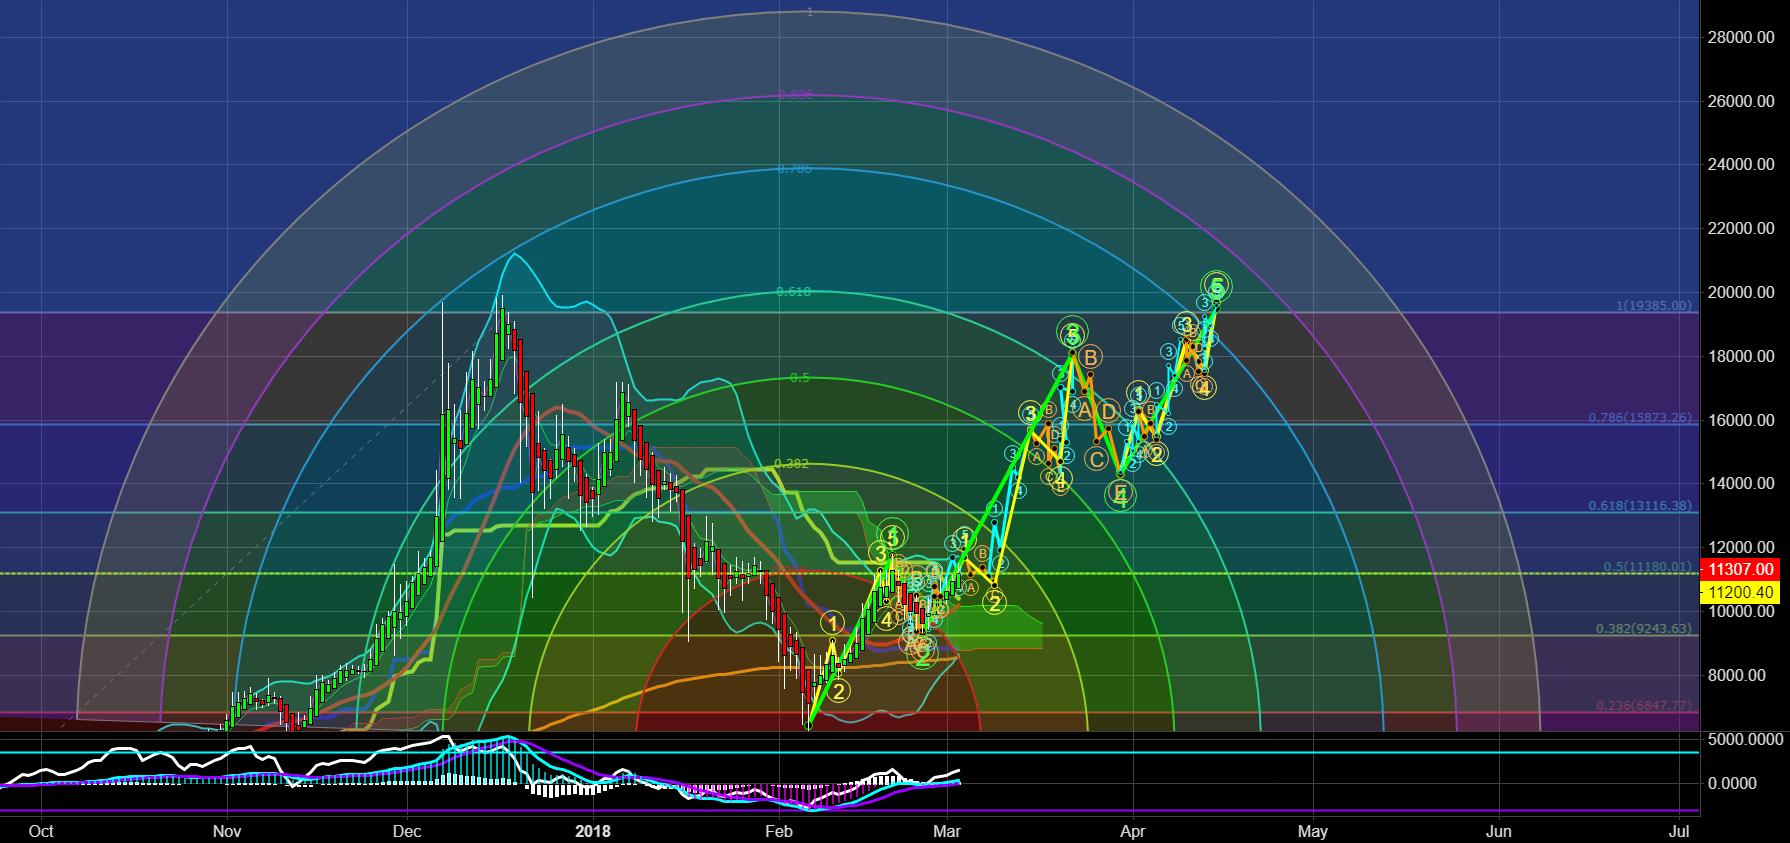 BTC $20000 - Full Analysis